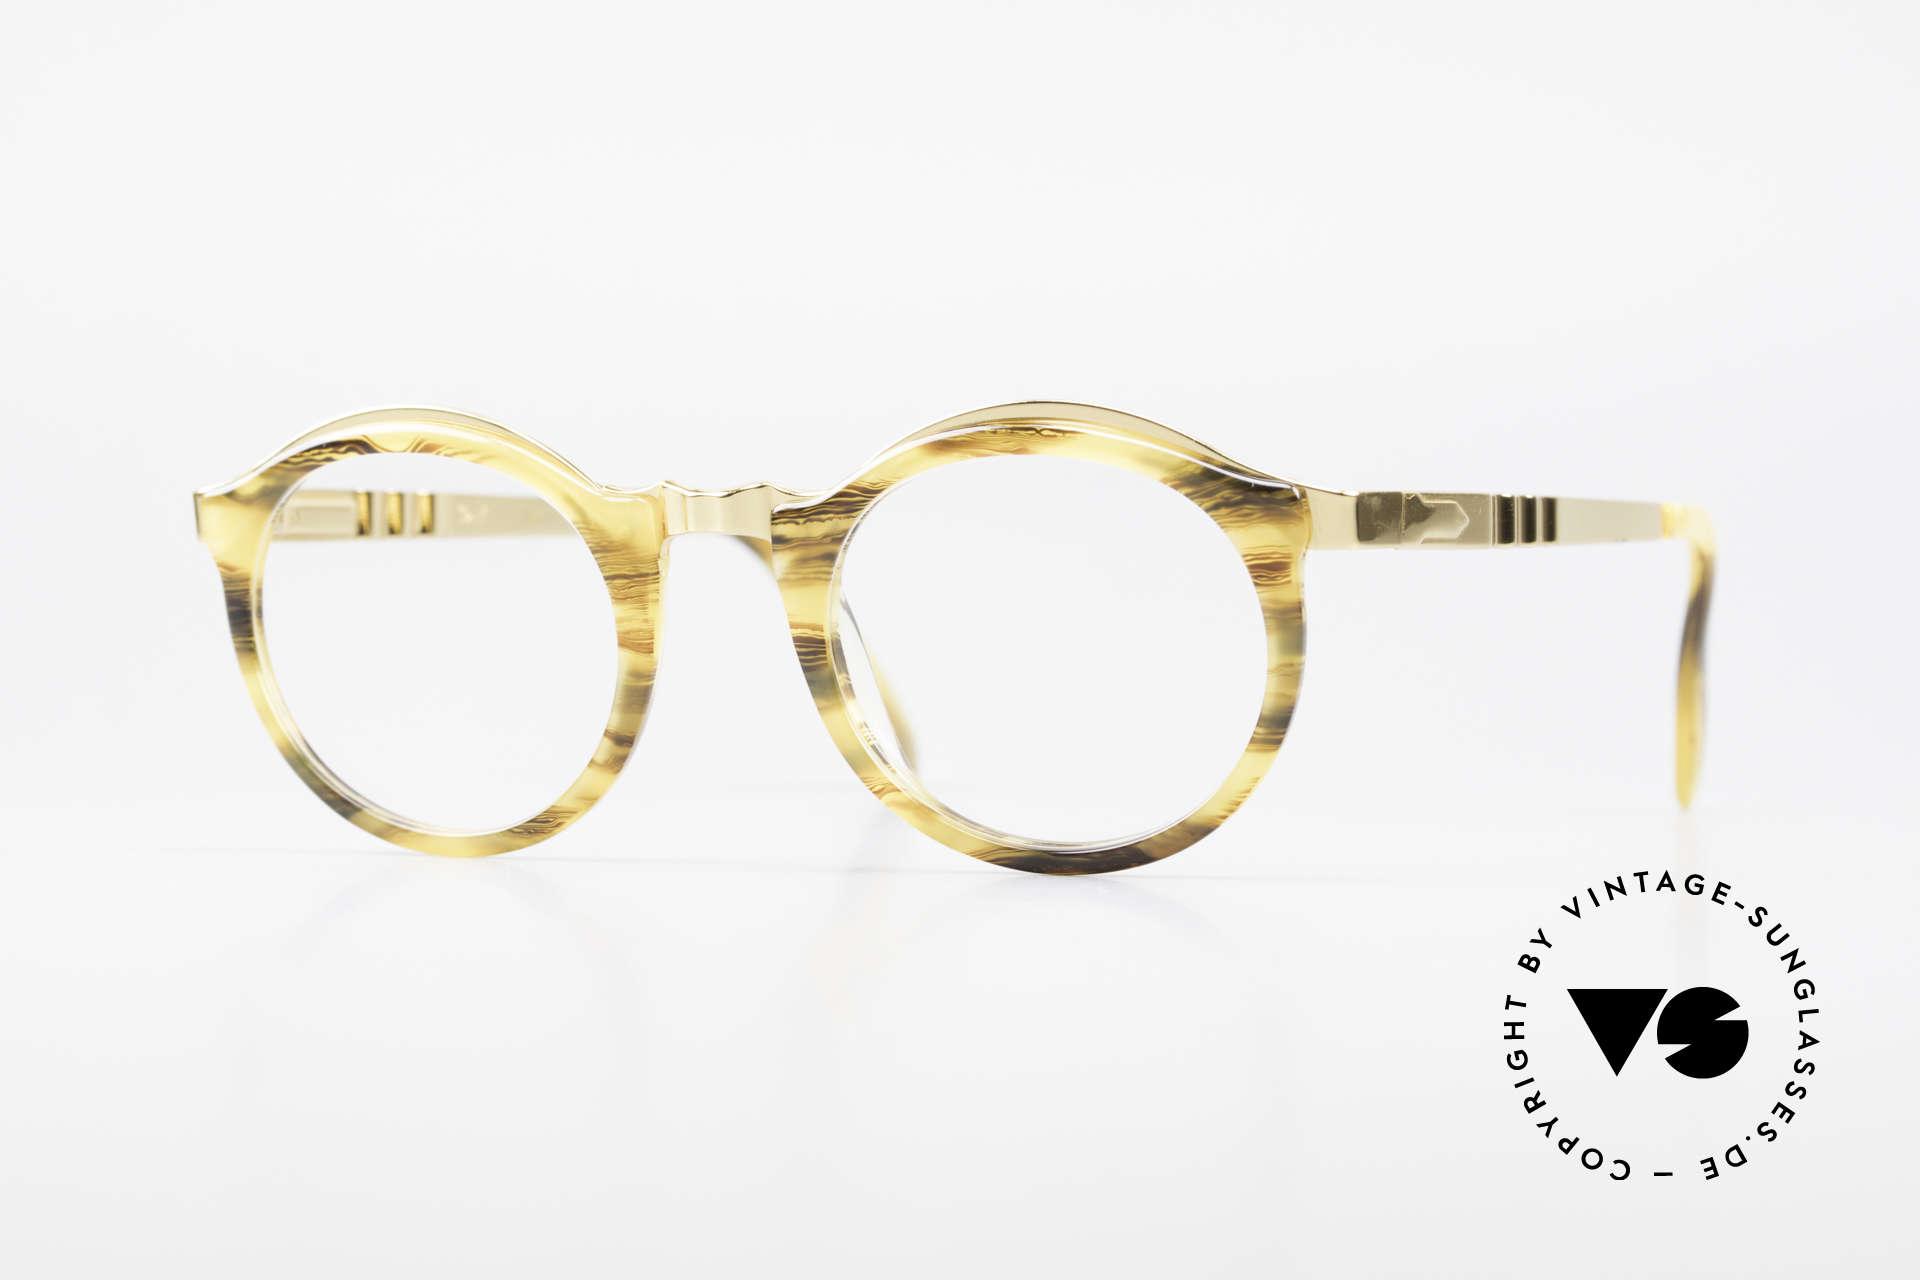 Persol Ivy Gold Plated Panto Brille Small, sehr elegante Persol vintage Brille der 90er Jahre, Passend für Herren und Damen